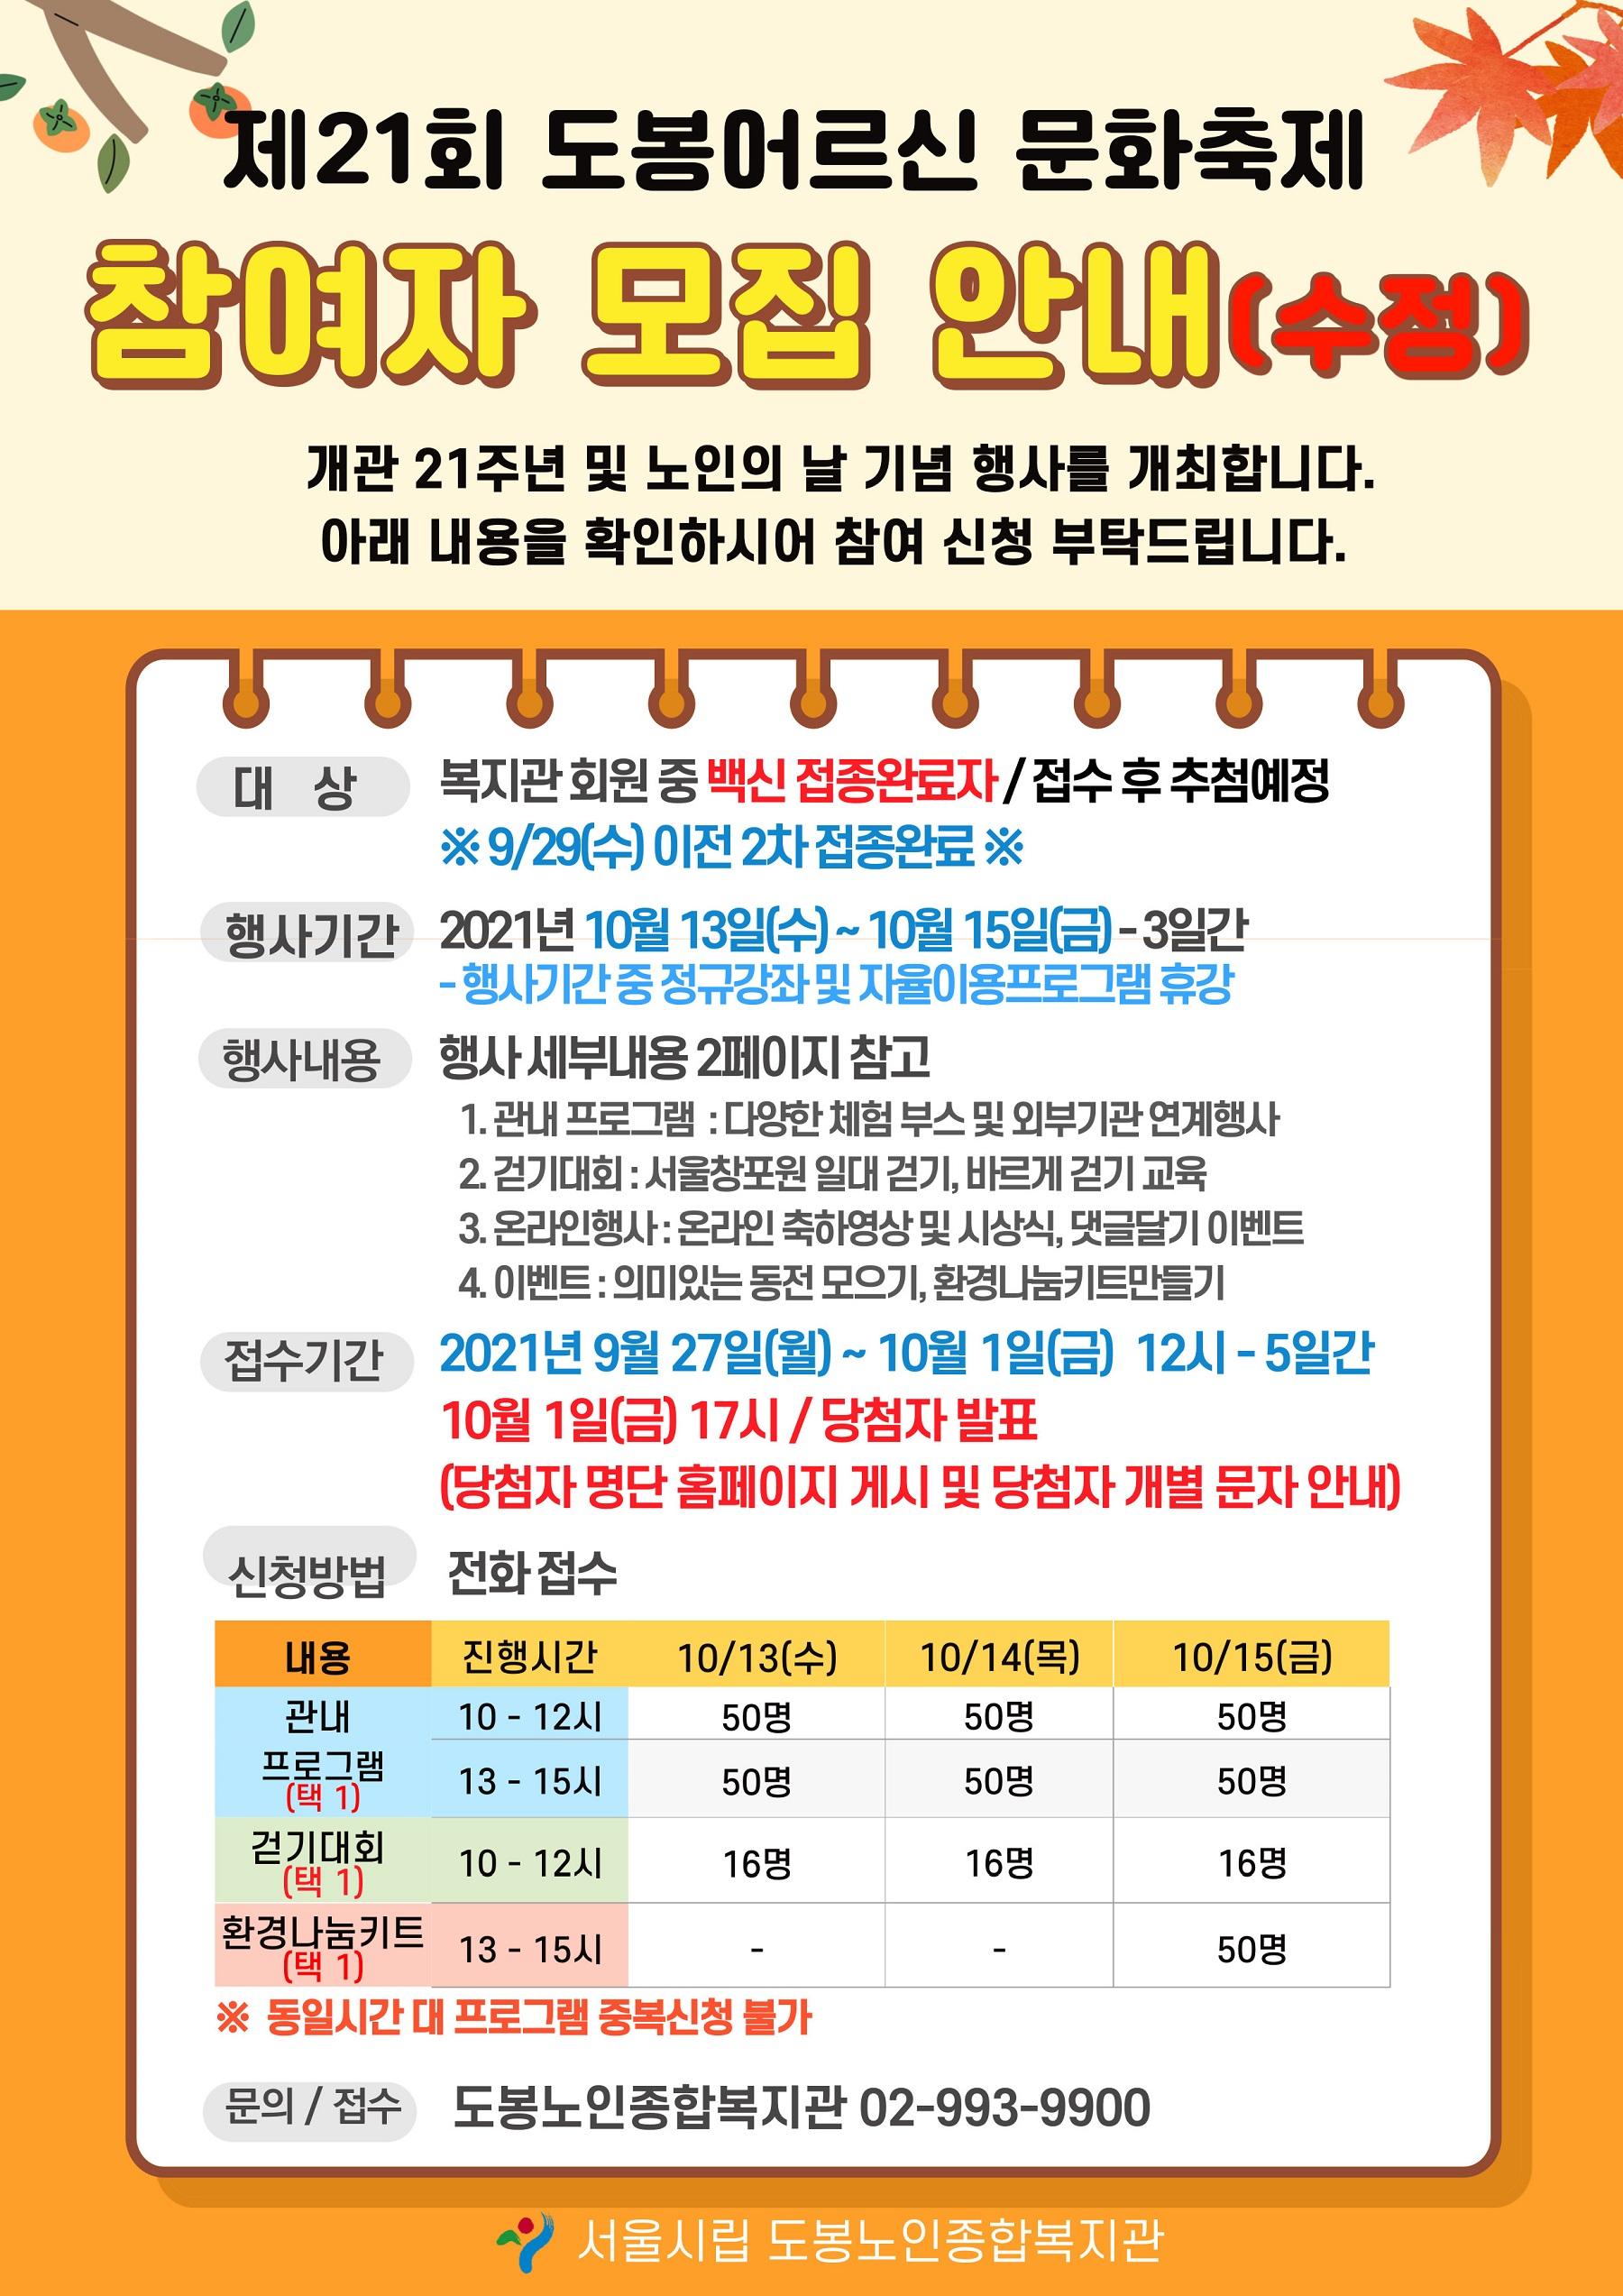 21회 도봉문화축제 1-수정(저용량).jpg